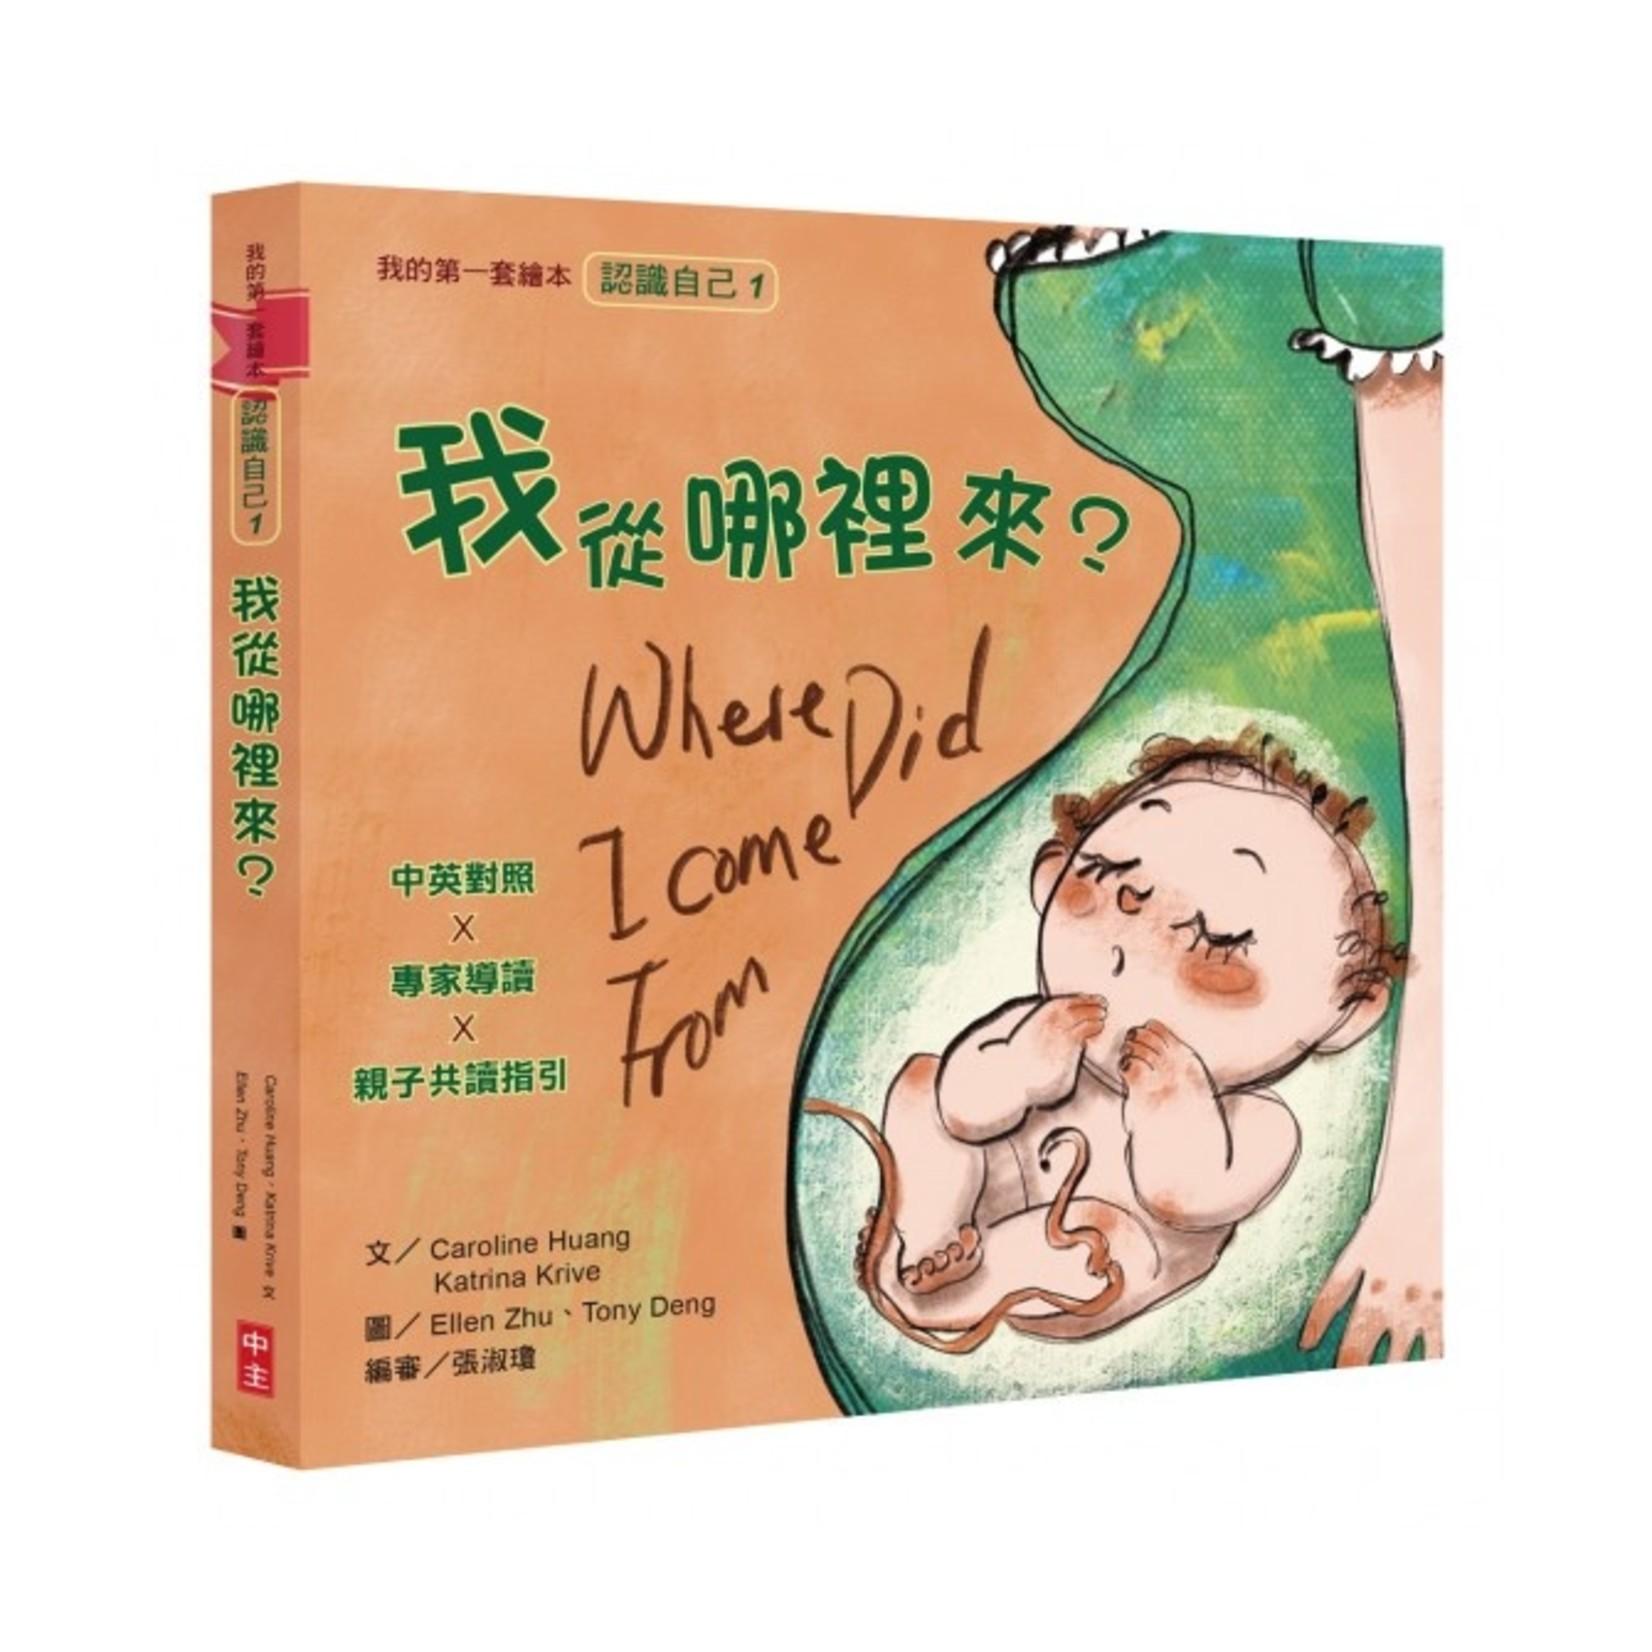 中國主日學協會 China Sunday School Association 我的第一套繪本(認識自己1):我從哪裡來?